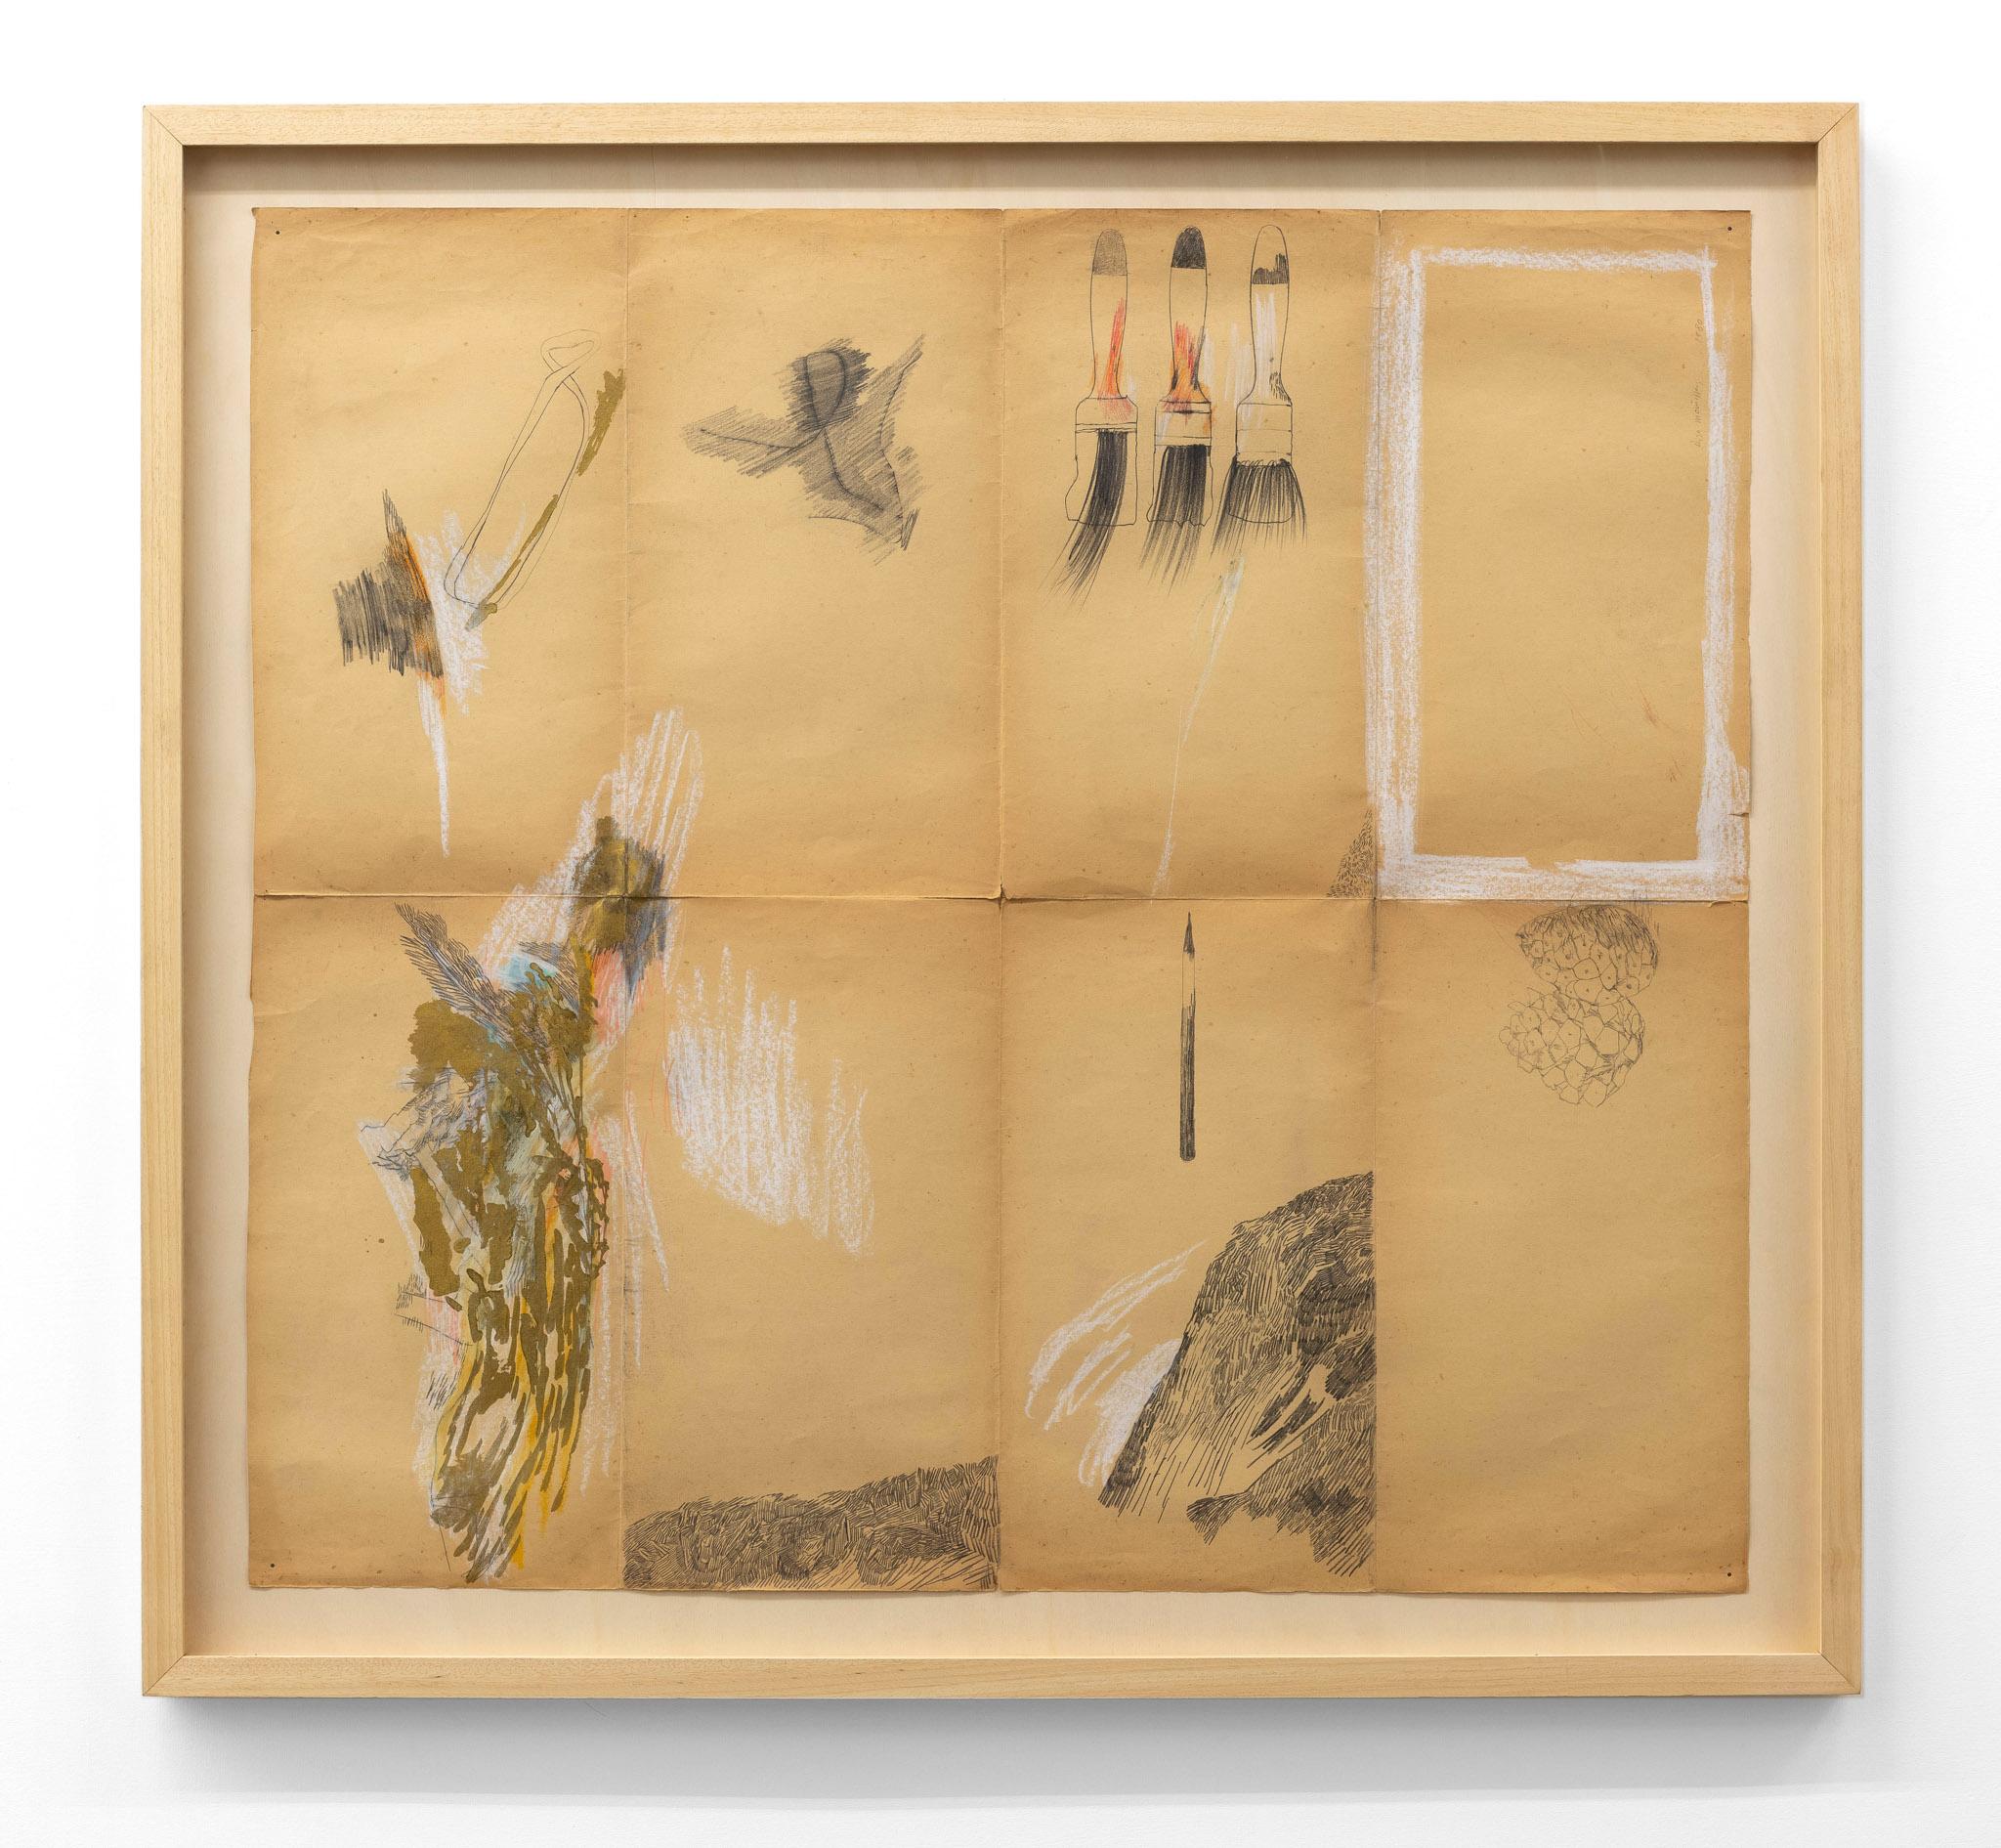 Paesaggio con pennelli, 1987 Grafite, acrilico, pastelli su carta; 115 x 124 cm;  foto: Giorgio Benni.  Courtesy l'artista e Monitor Roma, Lisbona, Pereto